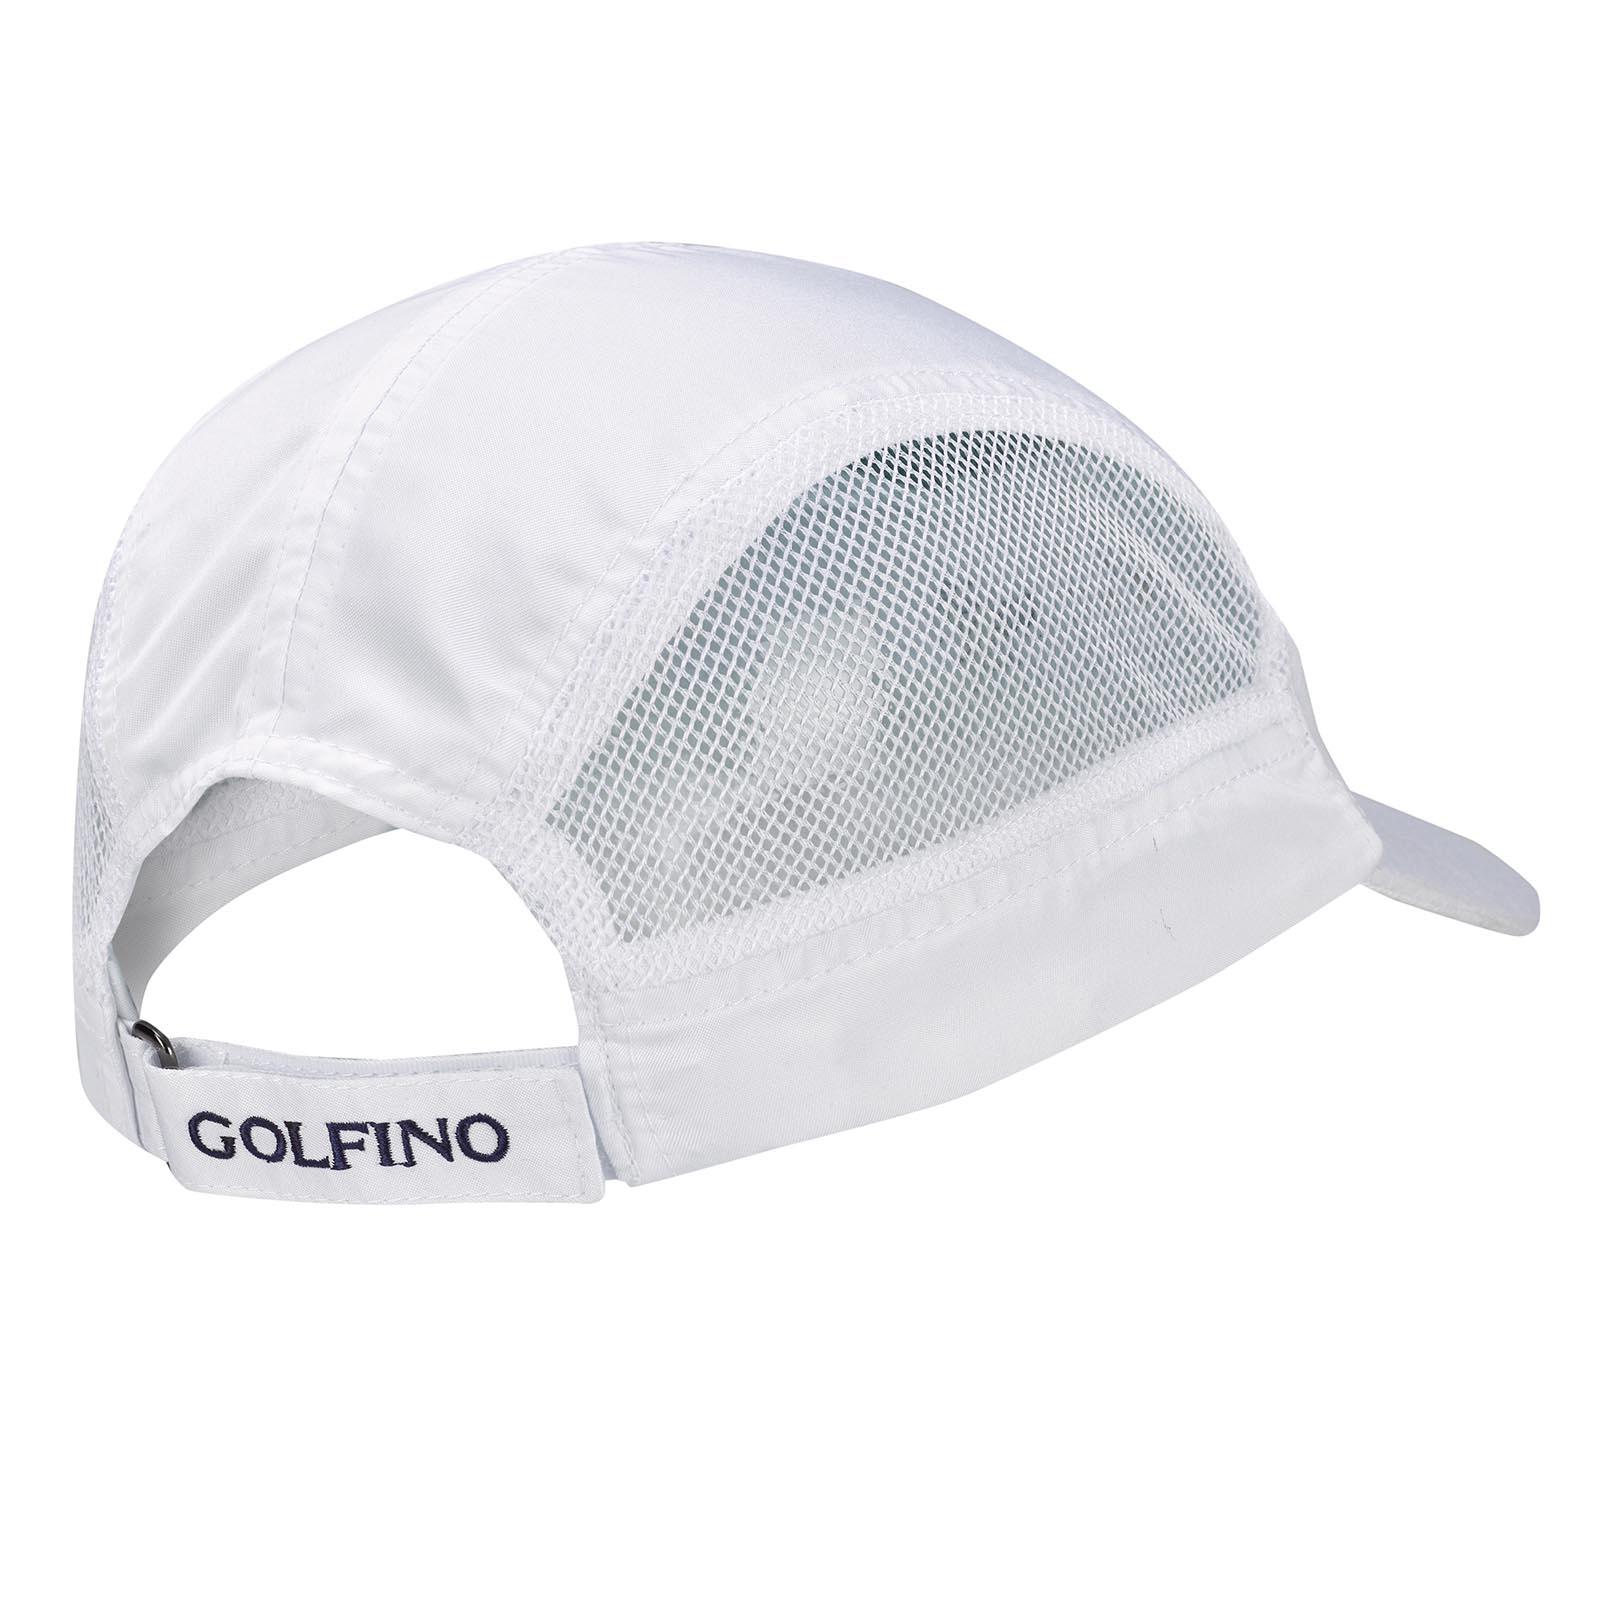 Atmungsaktives Herren Microfaser Golfcap mit seitlichen Mesh-Elementen